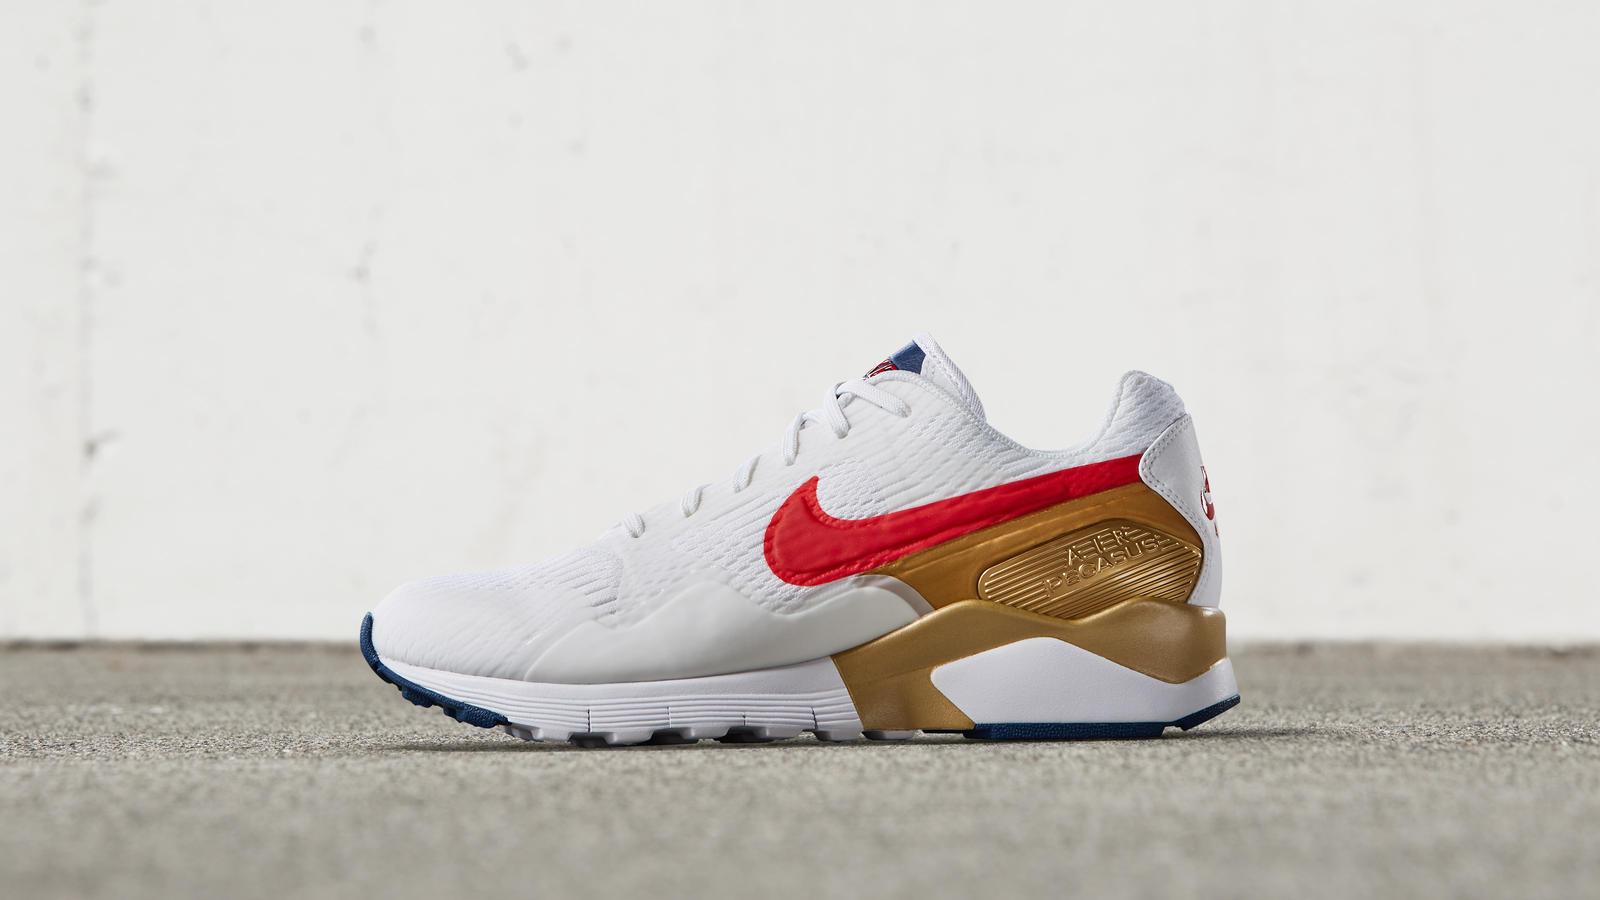 69bce5a6fd0a Nike news sneaker feed wht gold air pegasus 2299 hd 1600